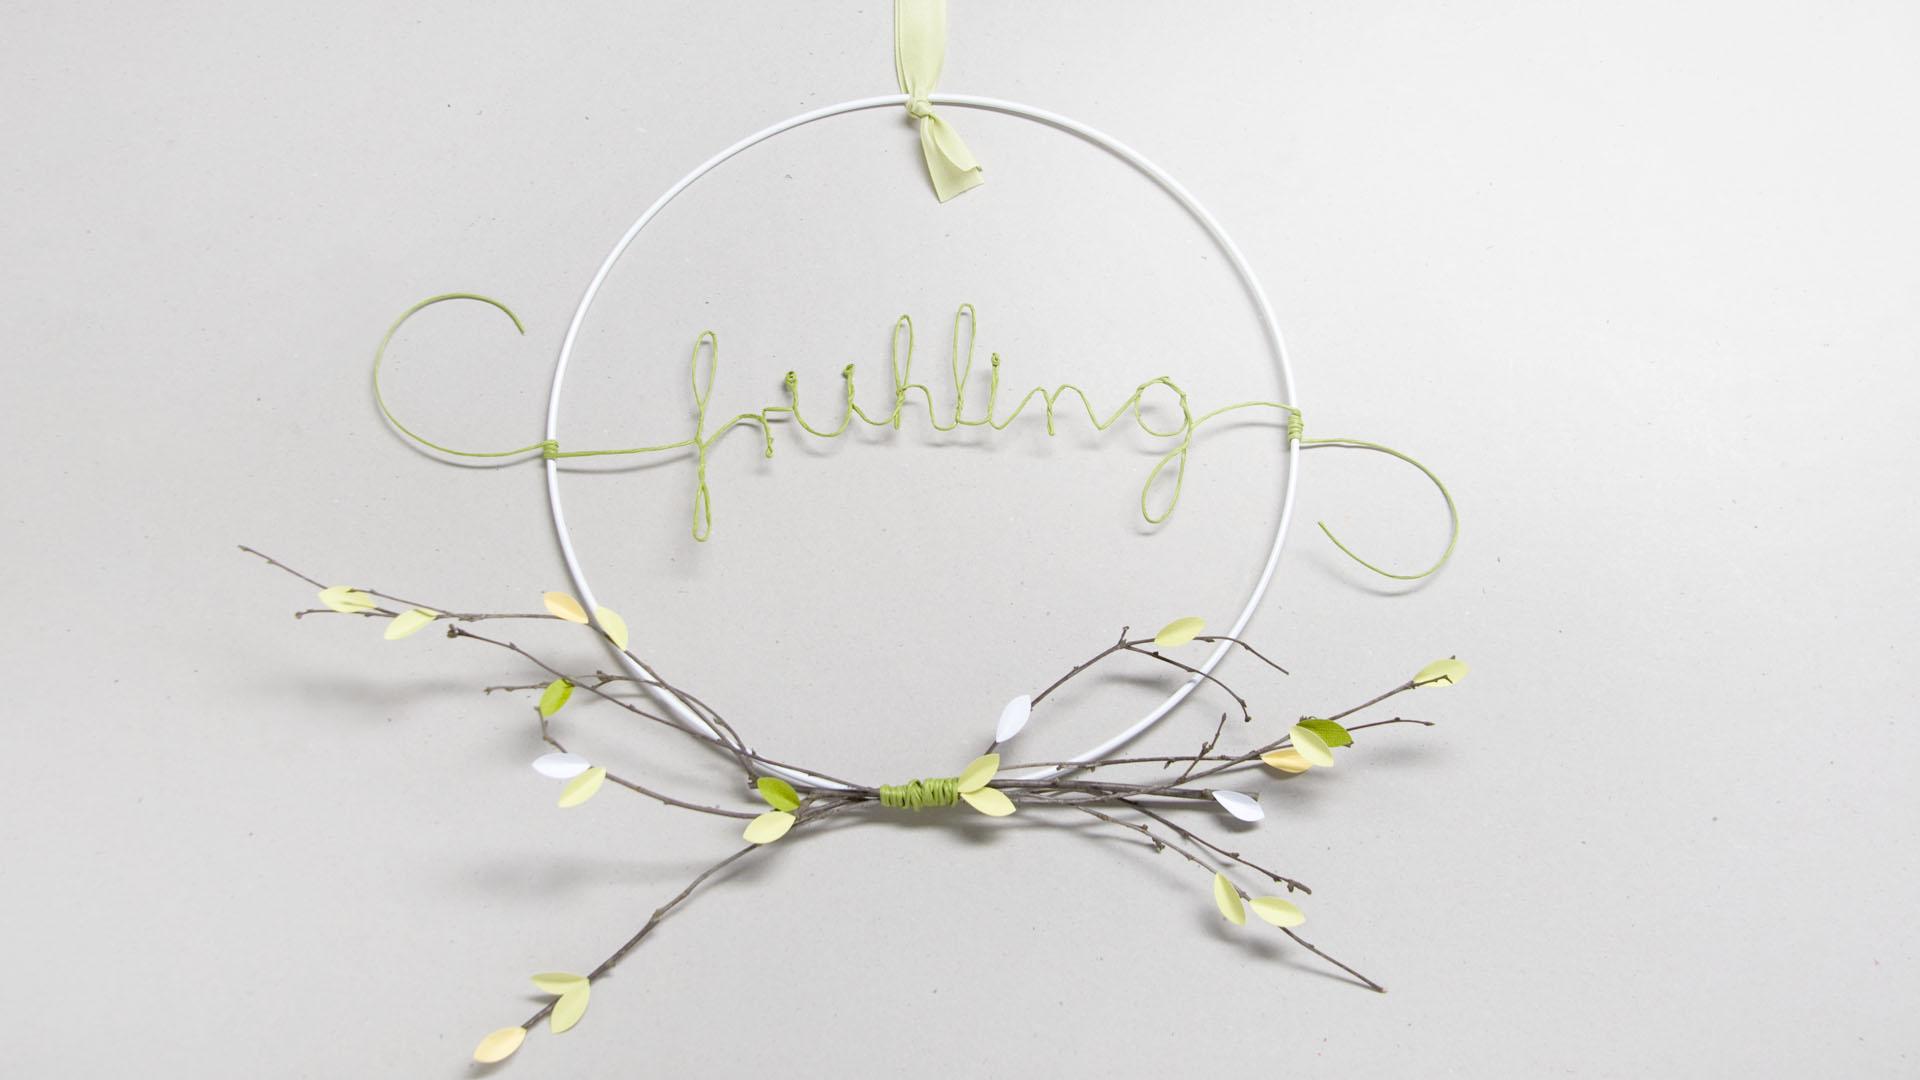 Ideen für den Frühling: Hula Hoop für die Deko zuhause | Metallring mit Papierdraht, Zweig und ausgestanzten Blättern in hellem Grün, Gelb und Weiß